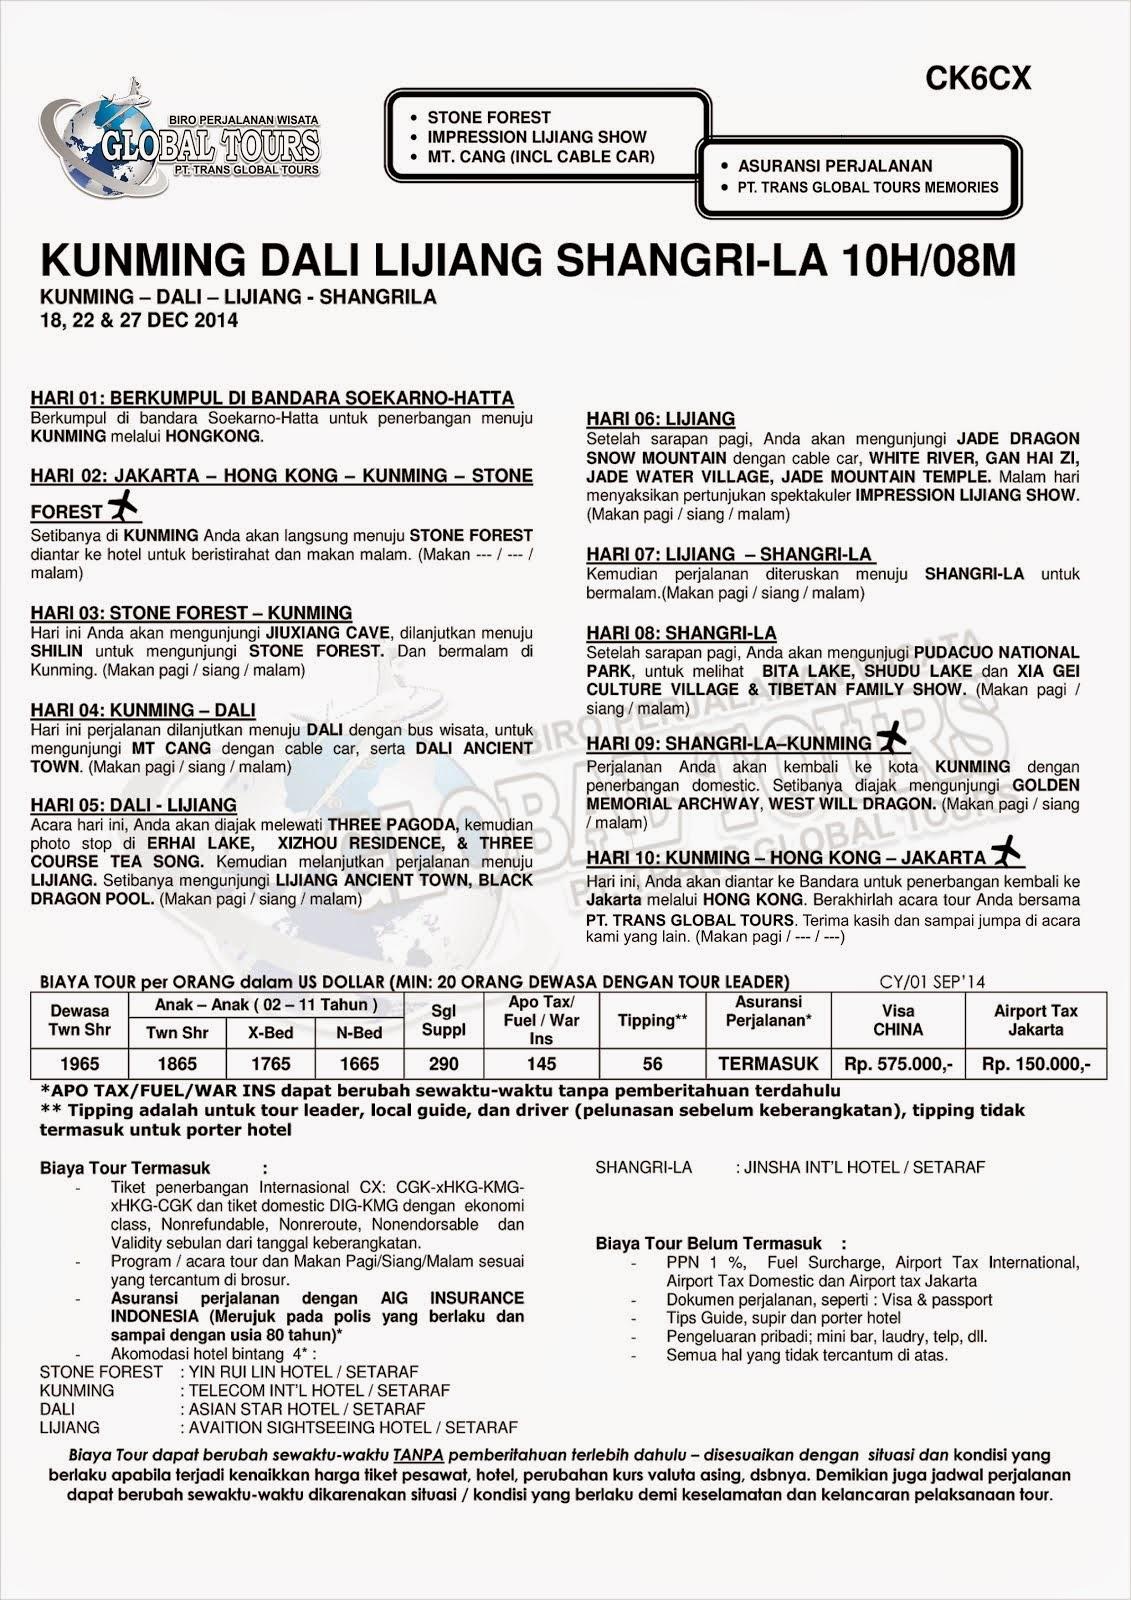 KUNMING DALI LIJIANG SHANGRI-LA